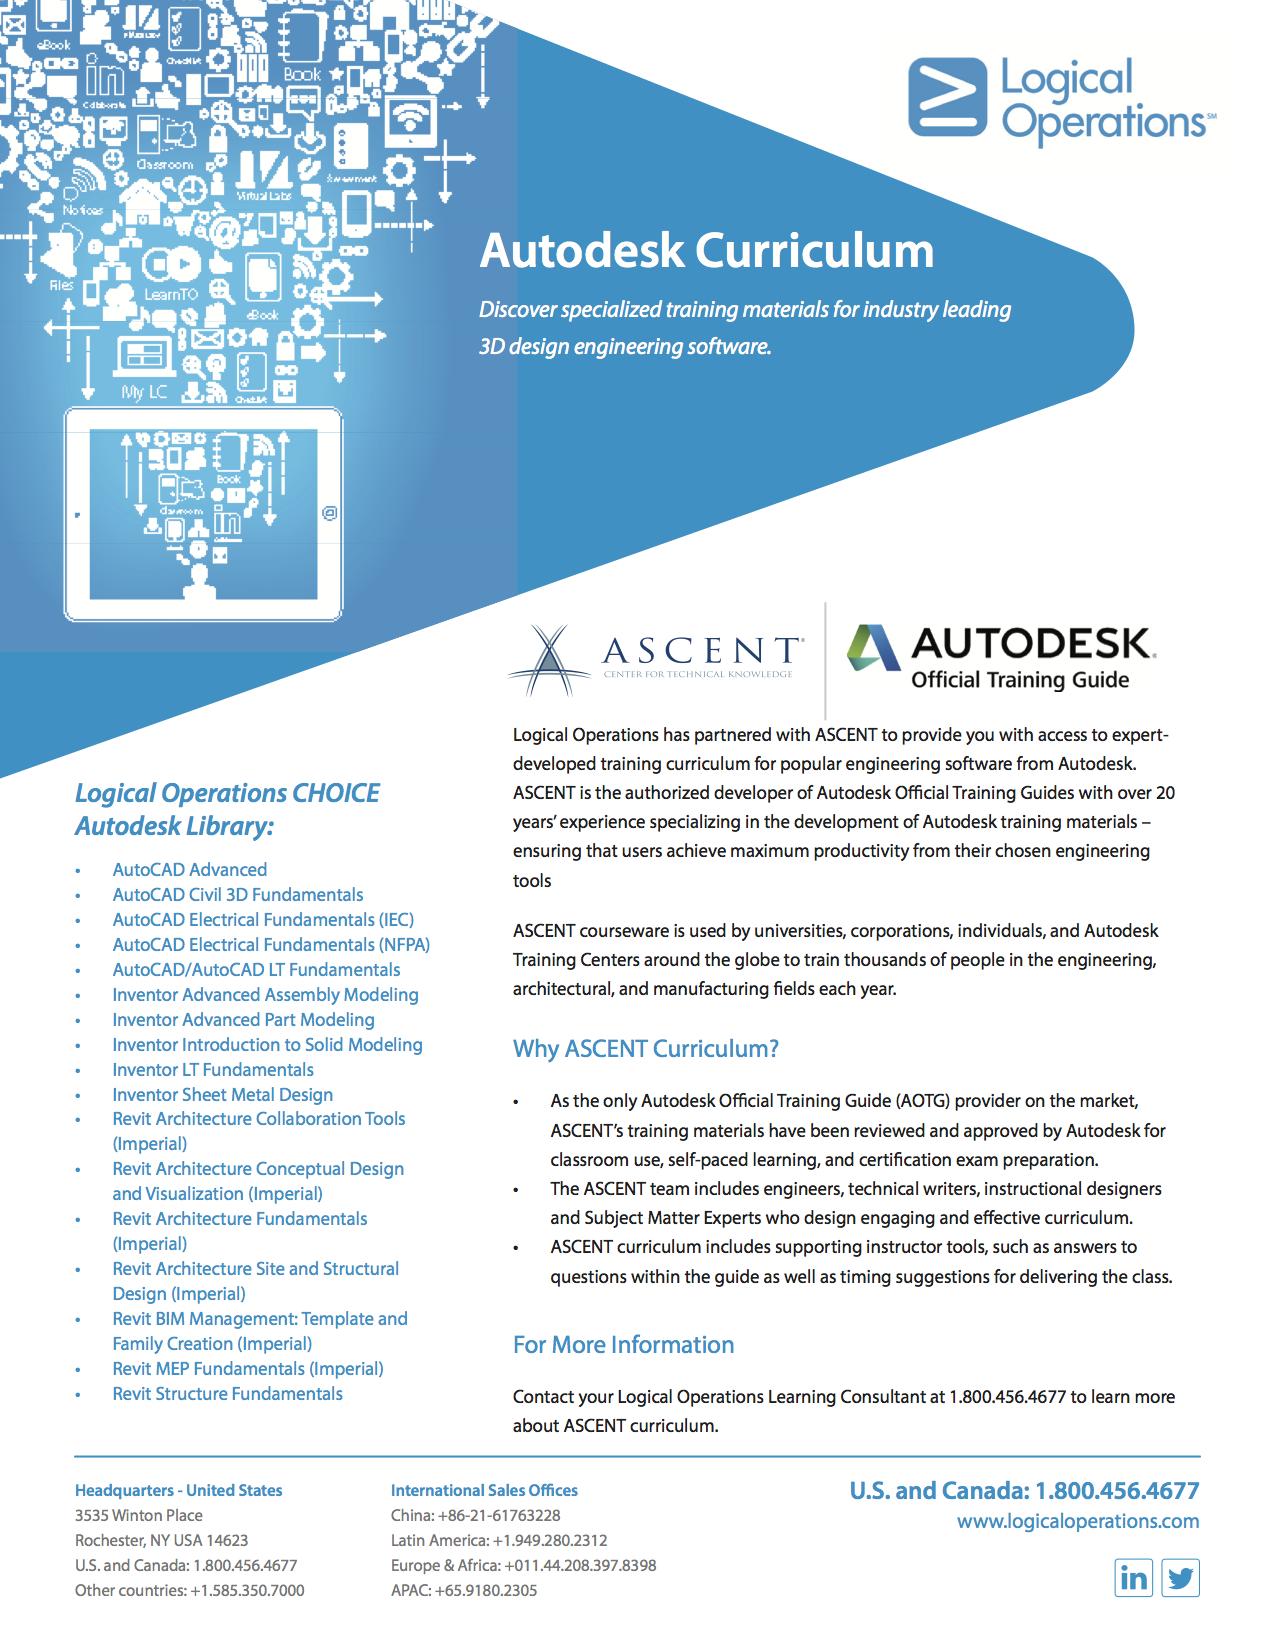 Autodesk Curriculum